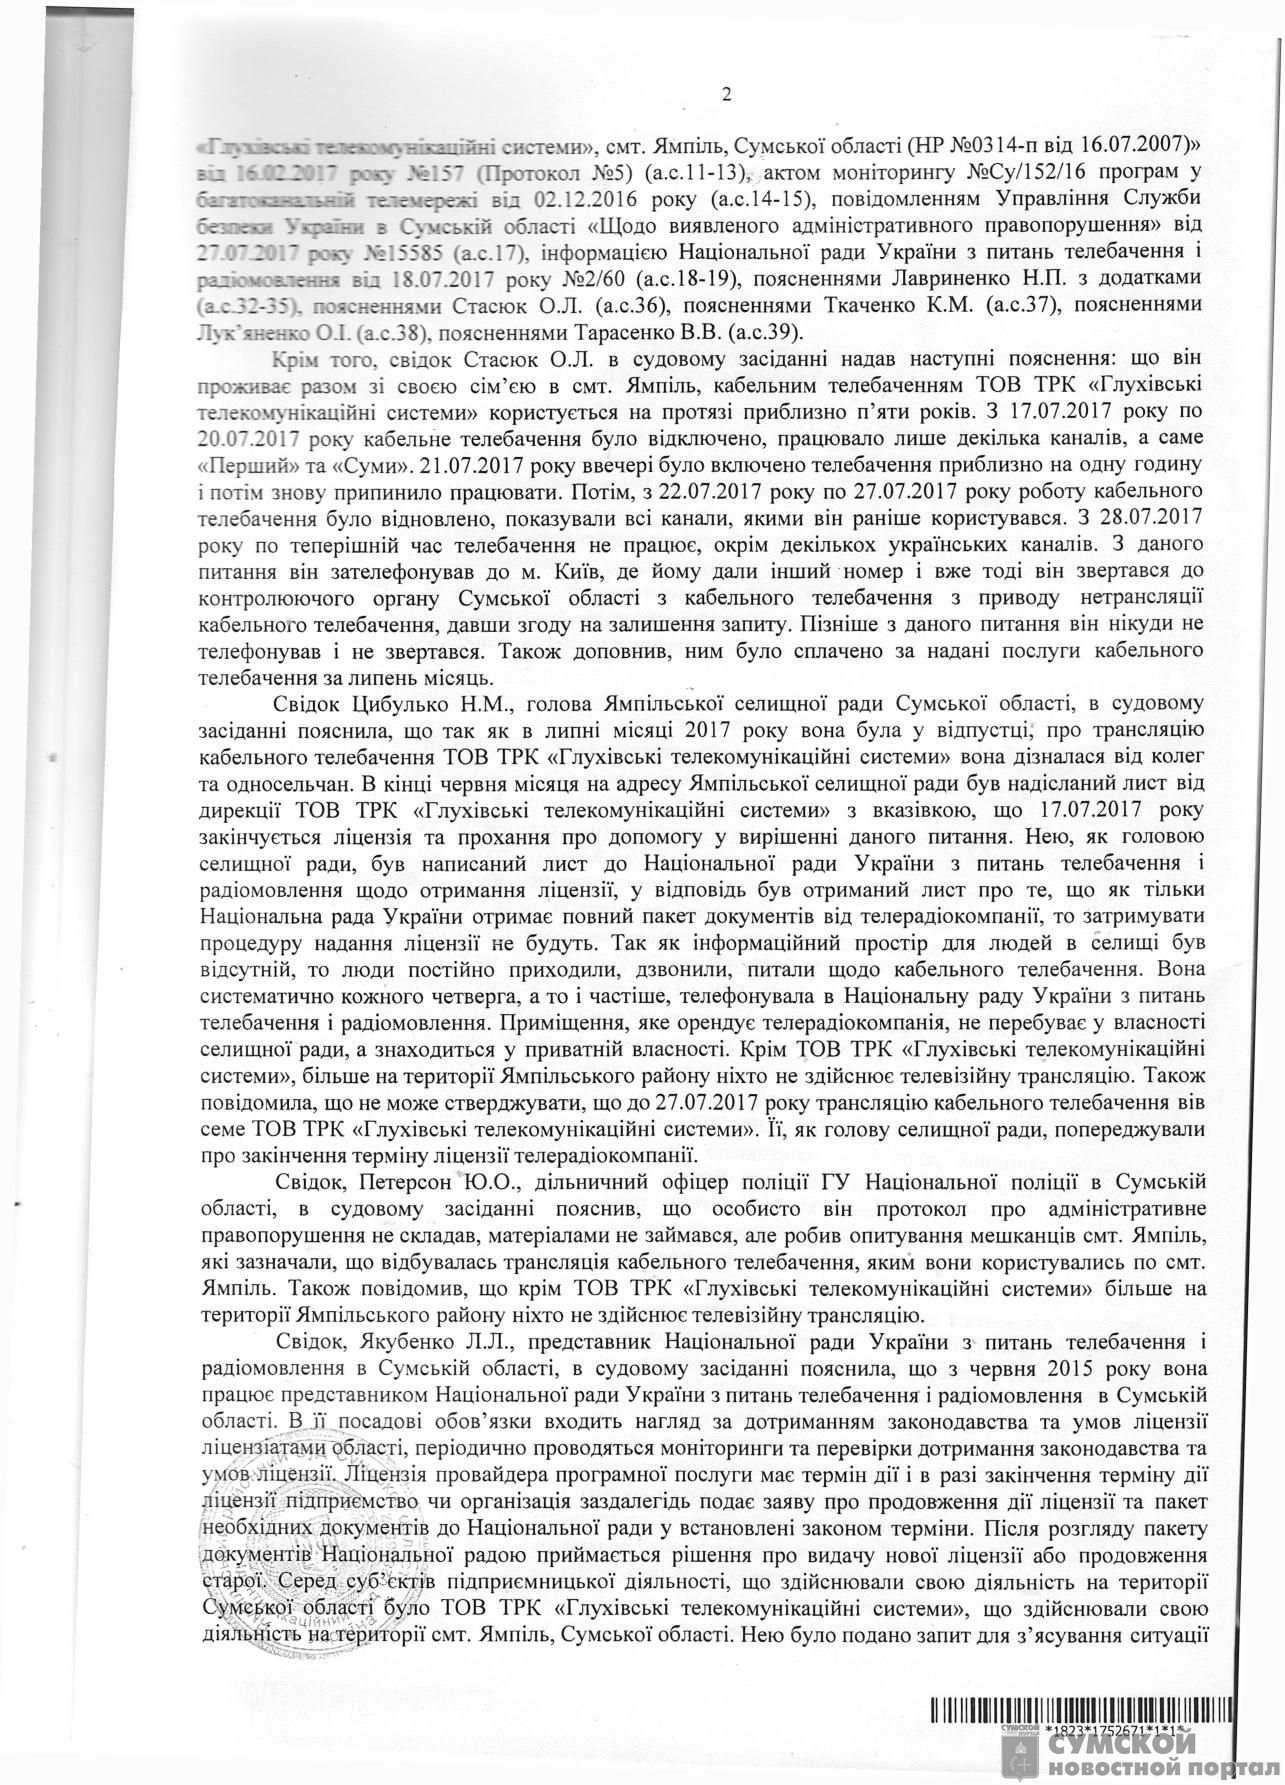 бондарчук-4